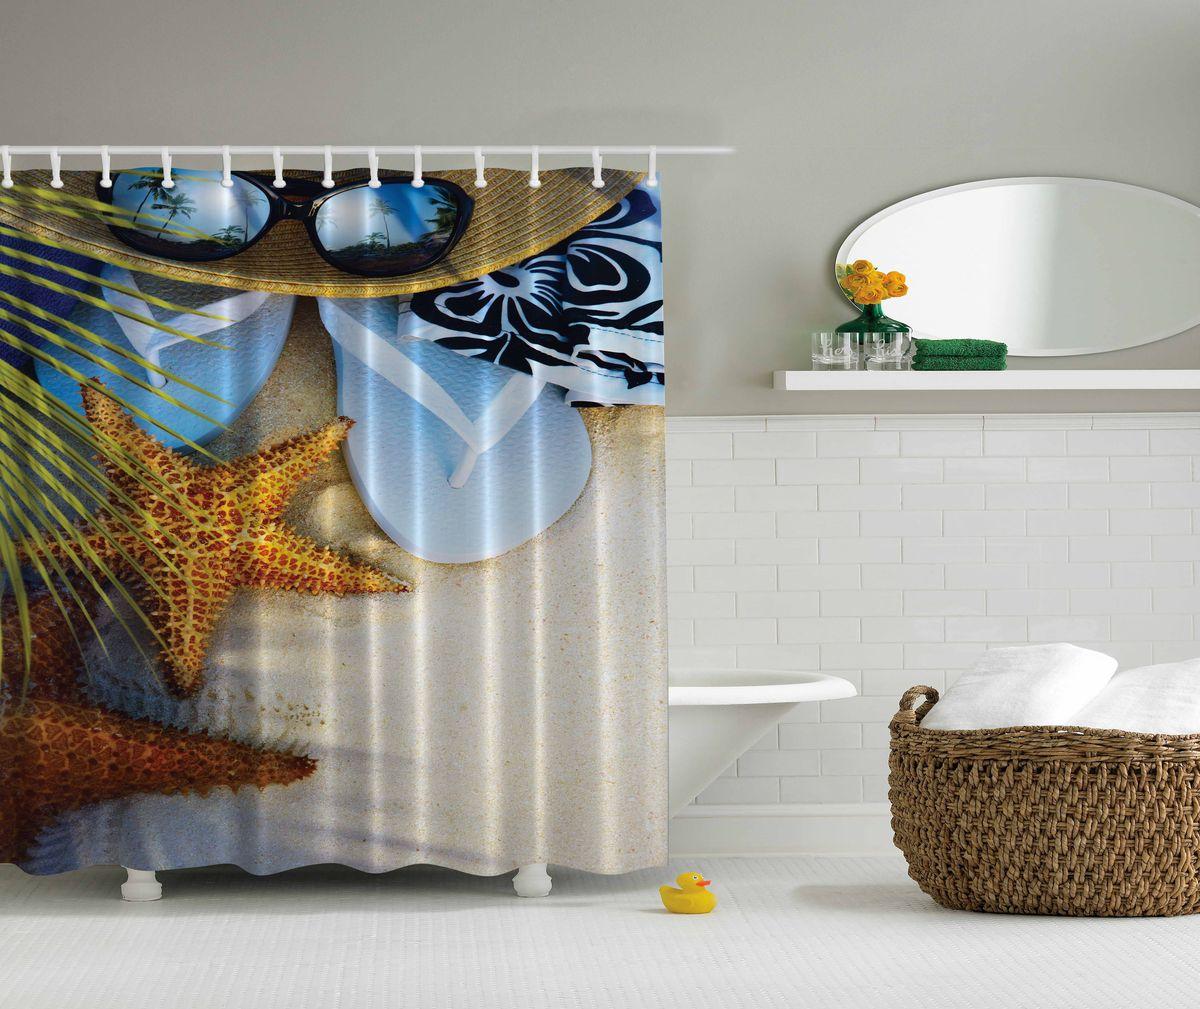 Штора для ванной комнаты Magic Lady Пляжный отдых, 180 х 200 смшв_4634Штора Magic Lady Пляжный отдых, изготовленная из высококачественного сатена (полиэстер 100%), отлично дополнит любой интерьер ванной комнаты. При изготовлении используются специальные гипоаллергенные чернила для прямой печати по ткани, безопасные для человека.В комплекте: 1 штора, 12 крючков. Обращаем ваше внимание, фактический цвет изделия может незначительно отличаться от представленного на фото.